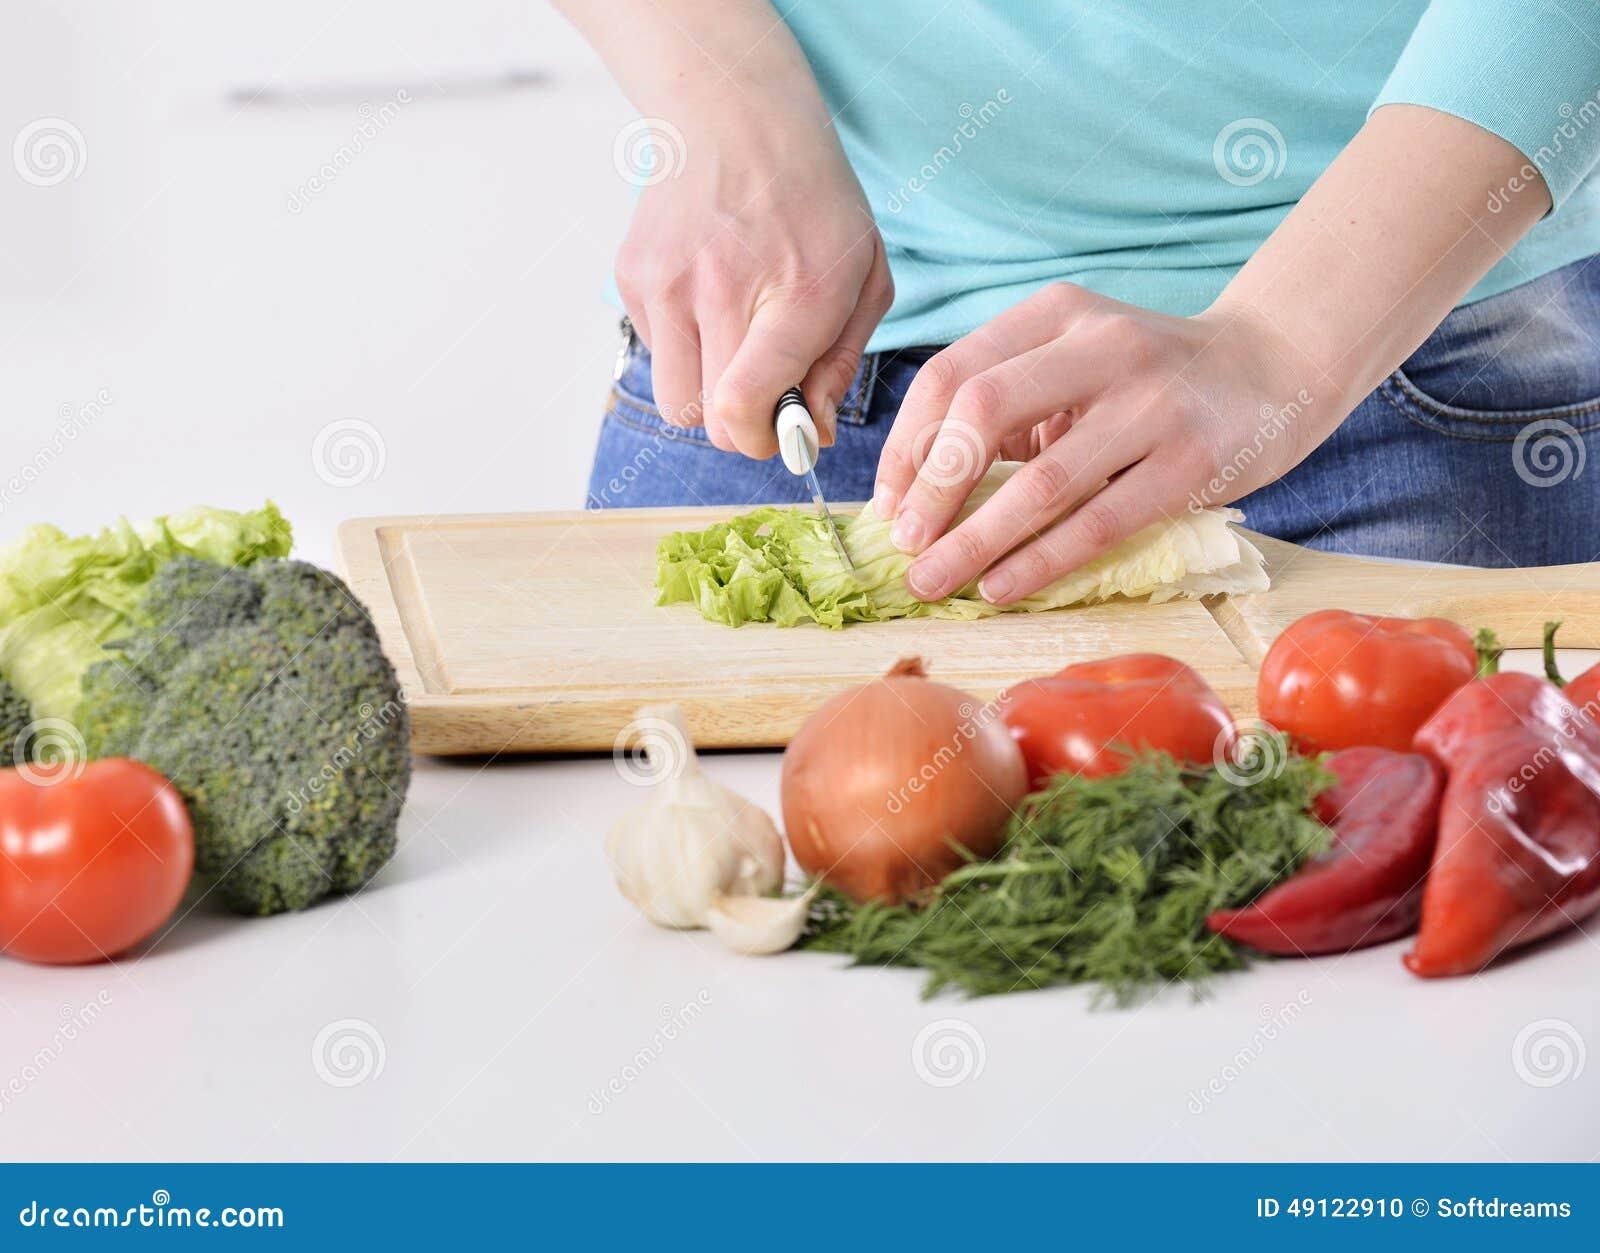 Donna che cucina nella nuova cucina che produce alimento sano con le verdure